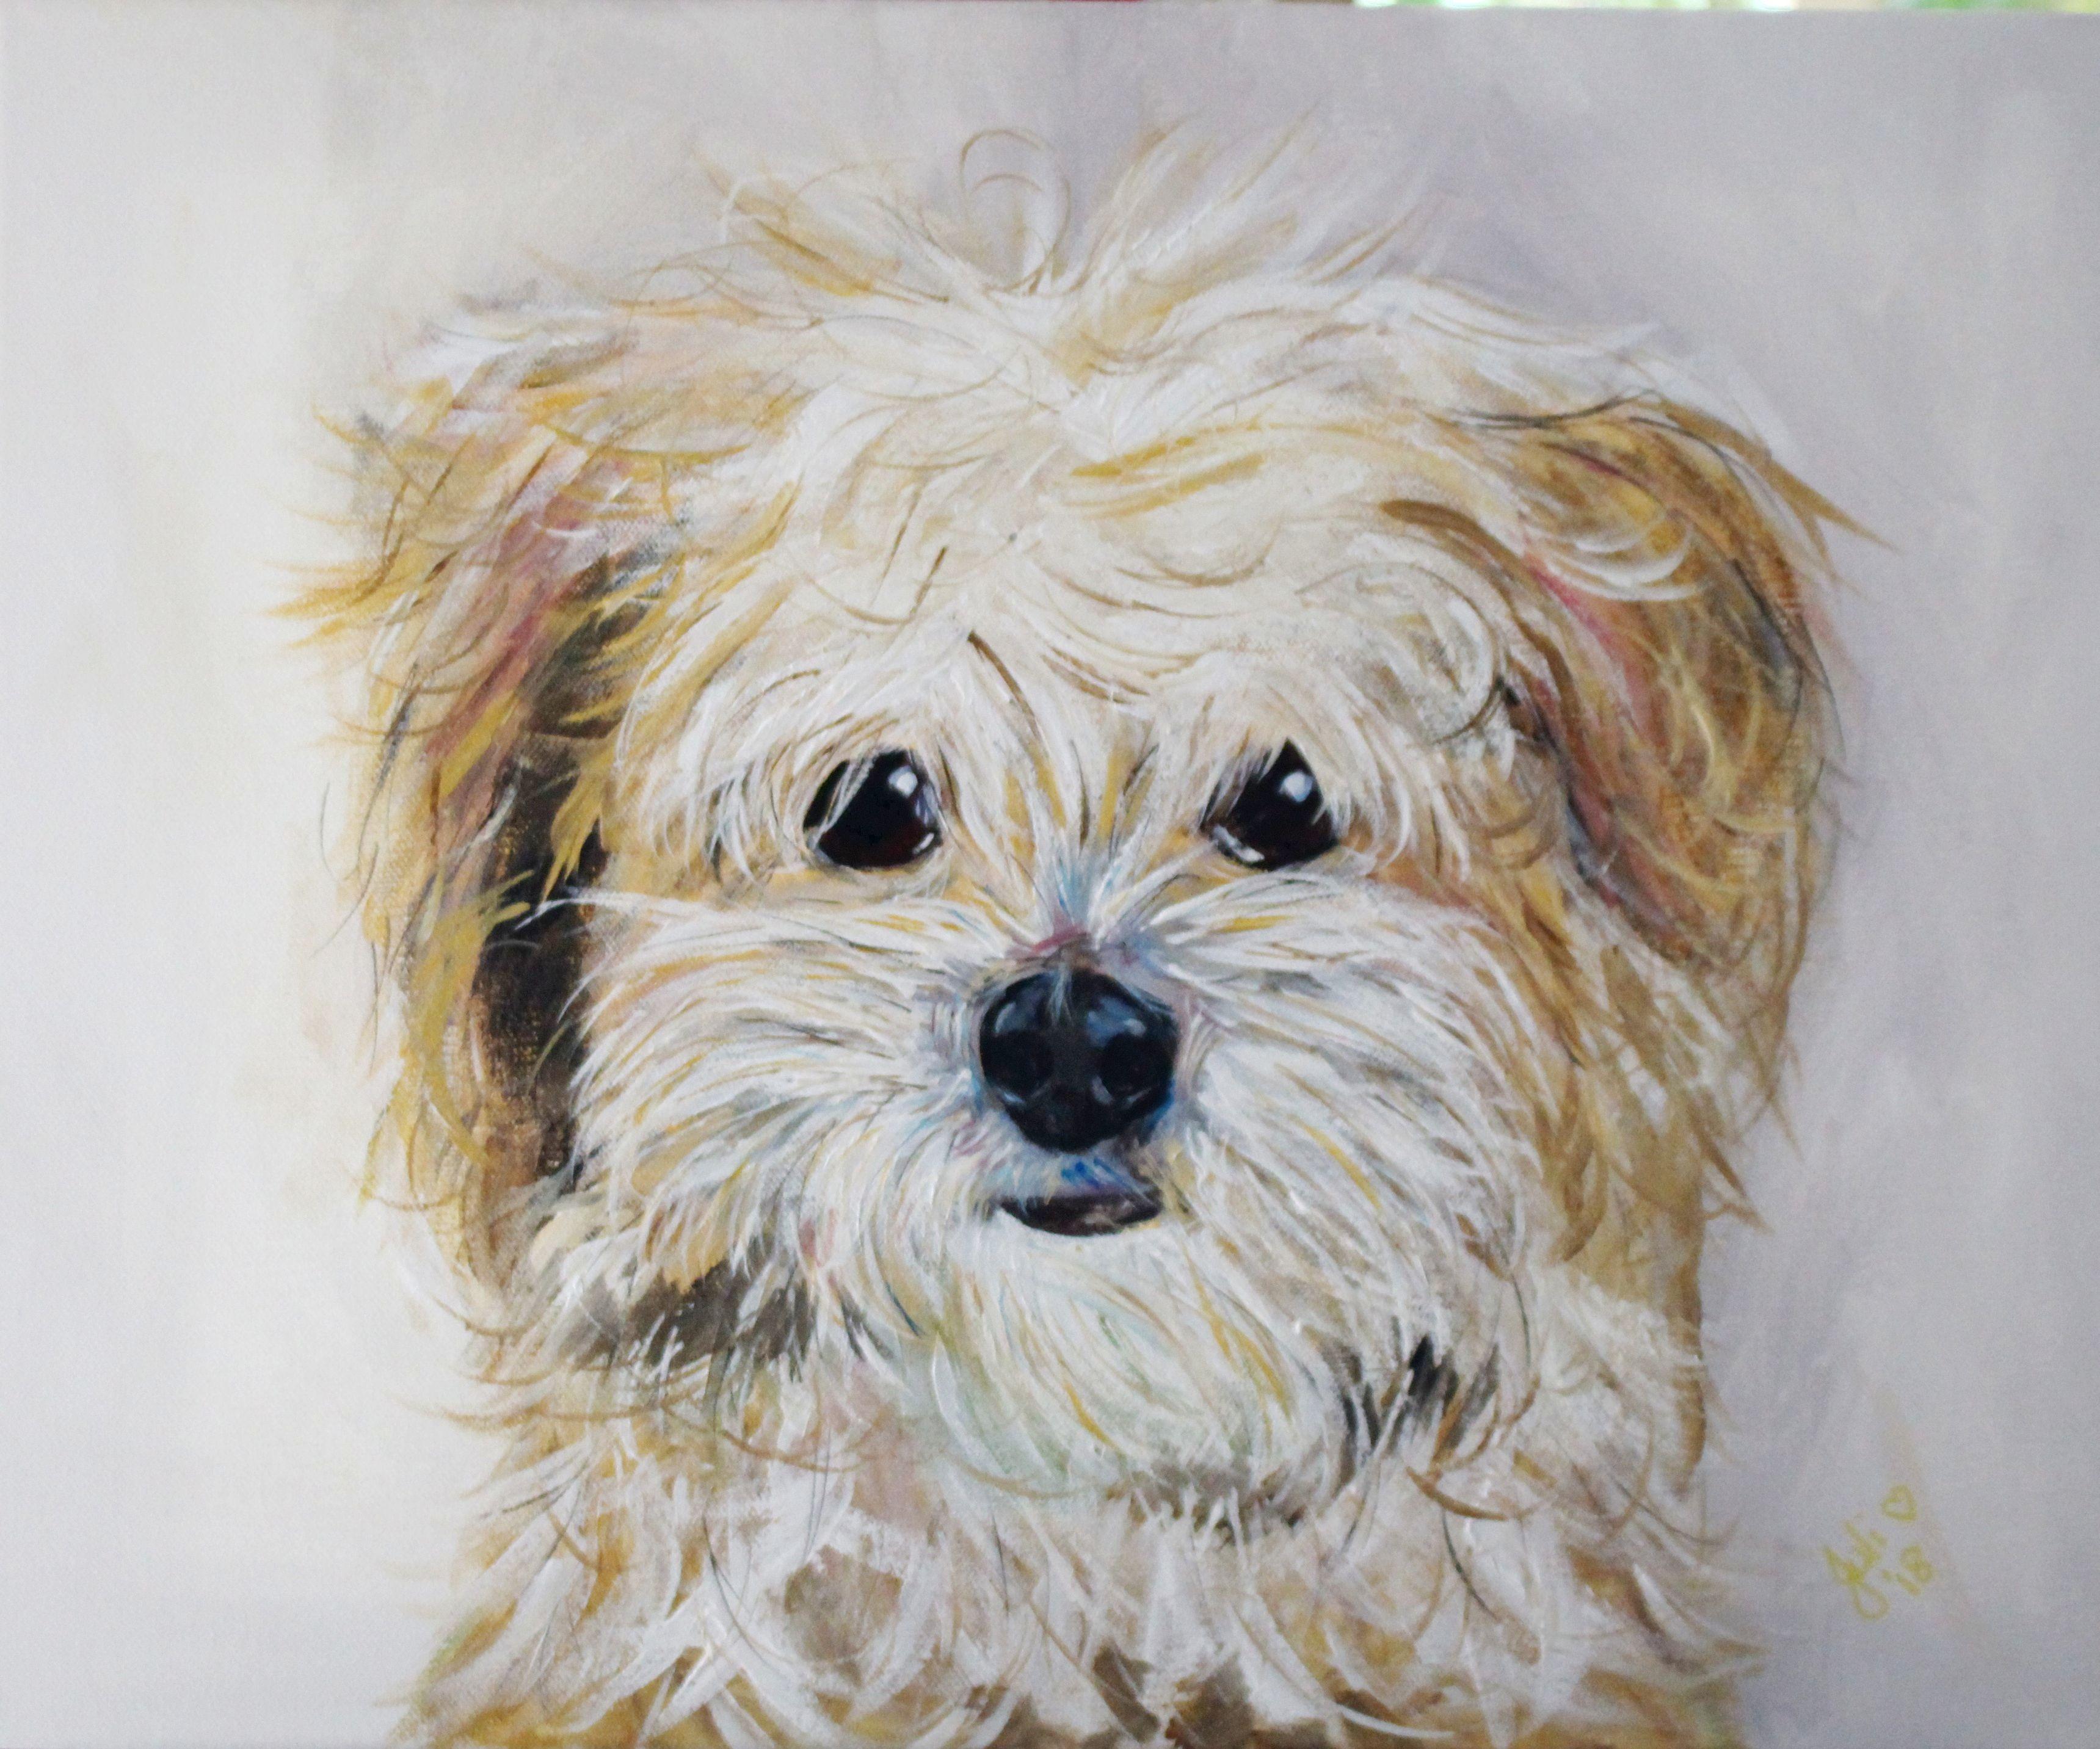 Cutie Pie Paintings for sale, Animal paintings, Online